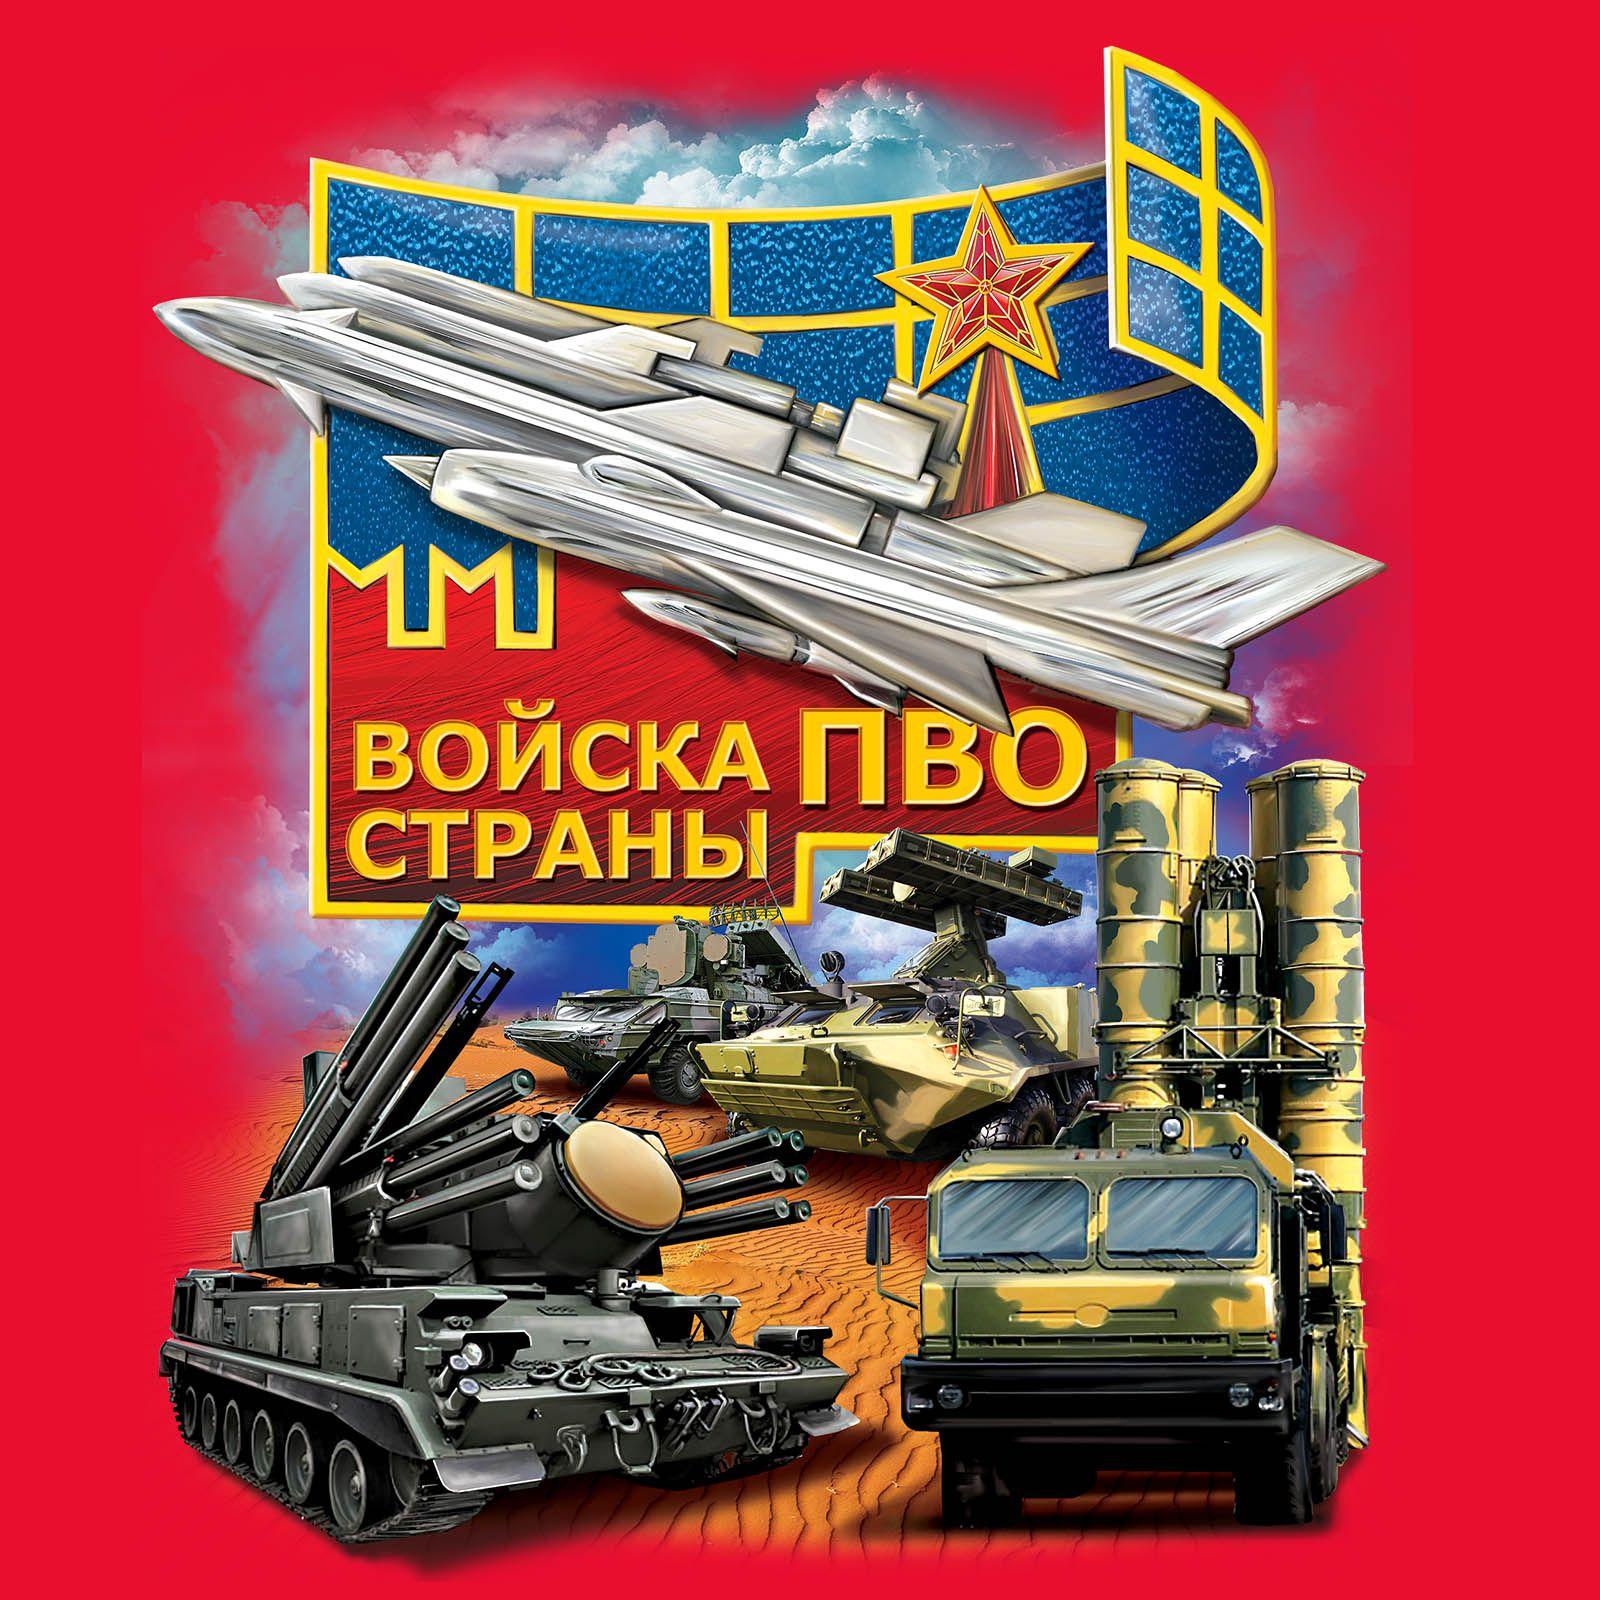 Футболка ПВО Войска страны